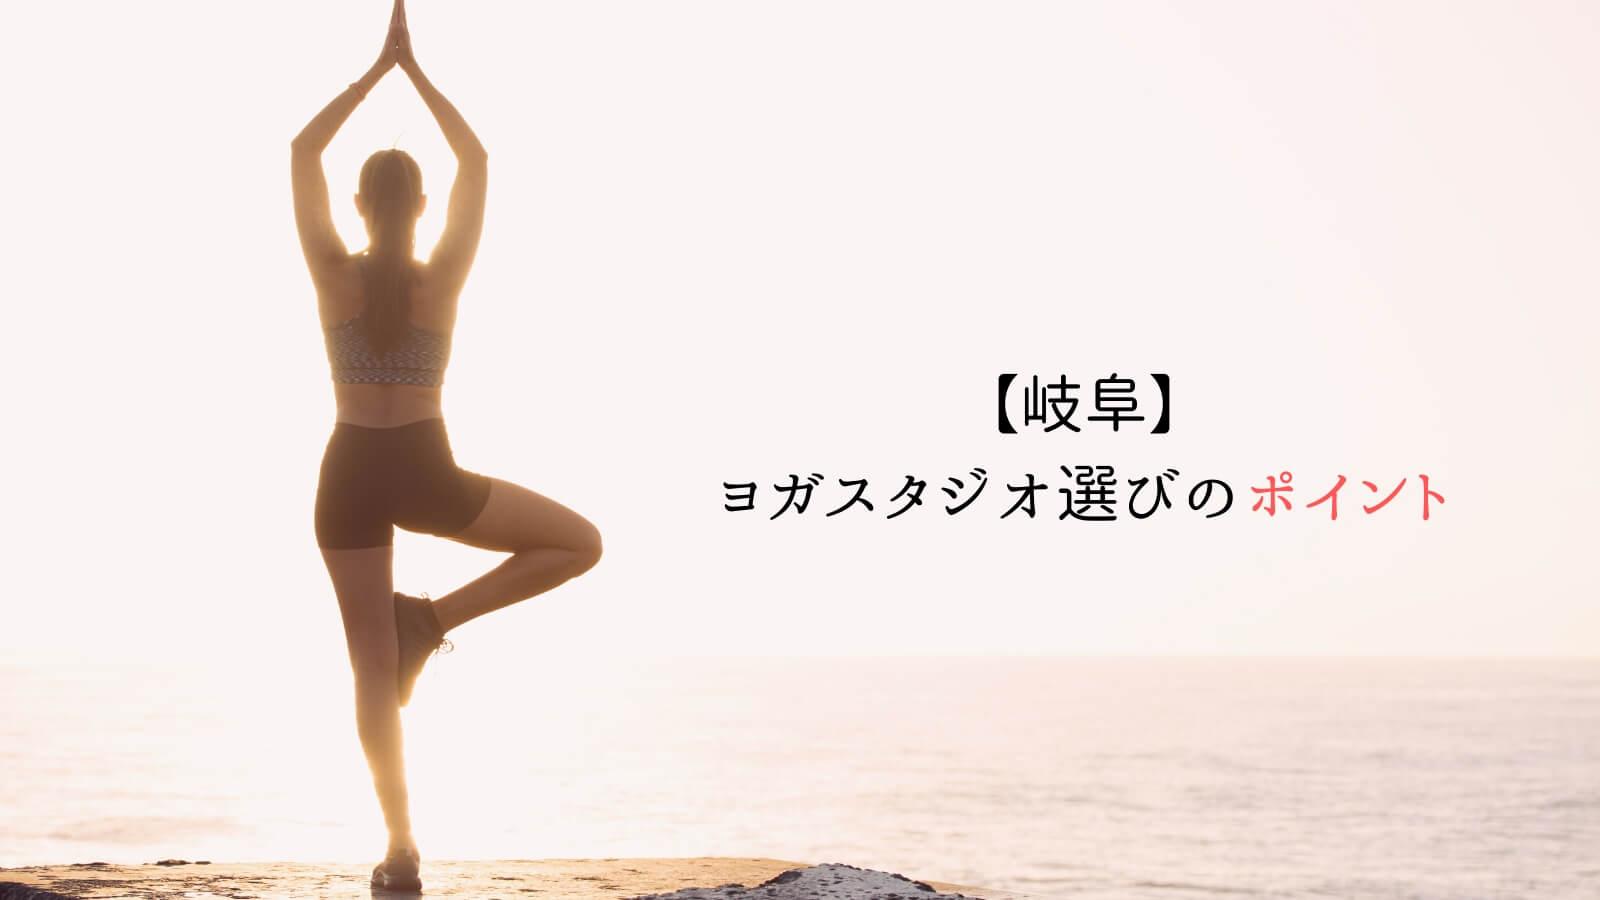 岐阜のヨガスタジオ選びのポイント